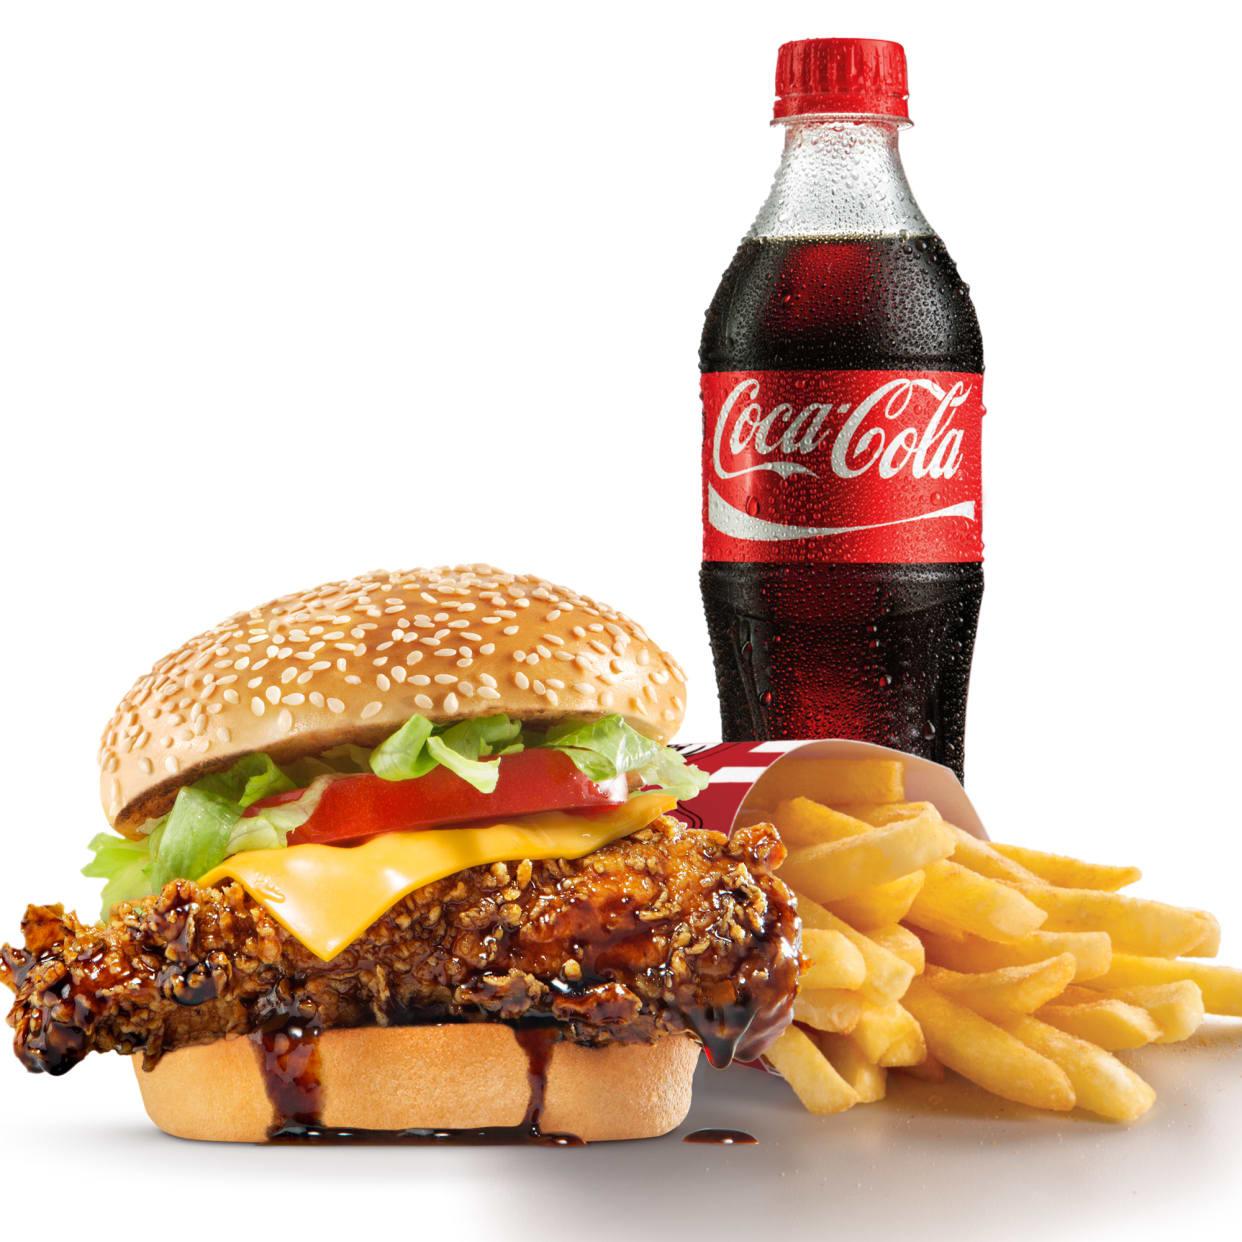 Legend Burger Meal